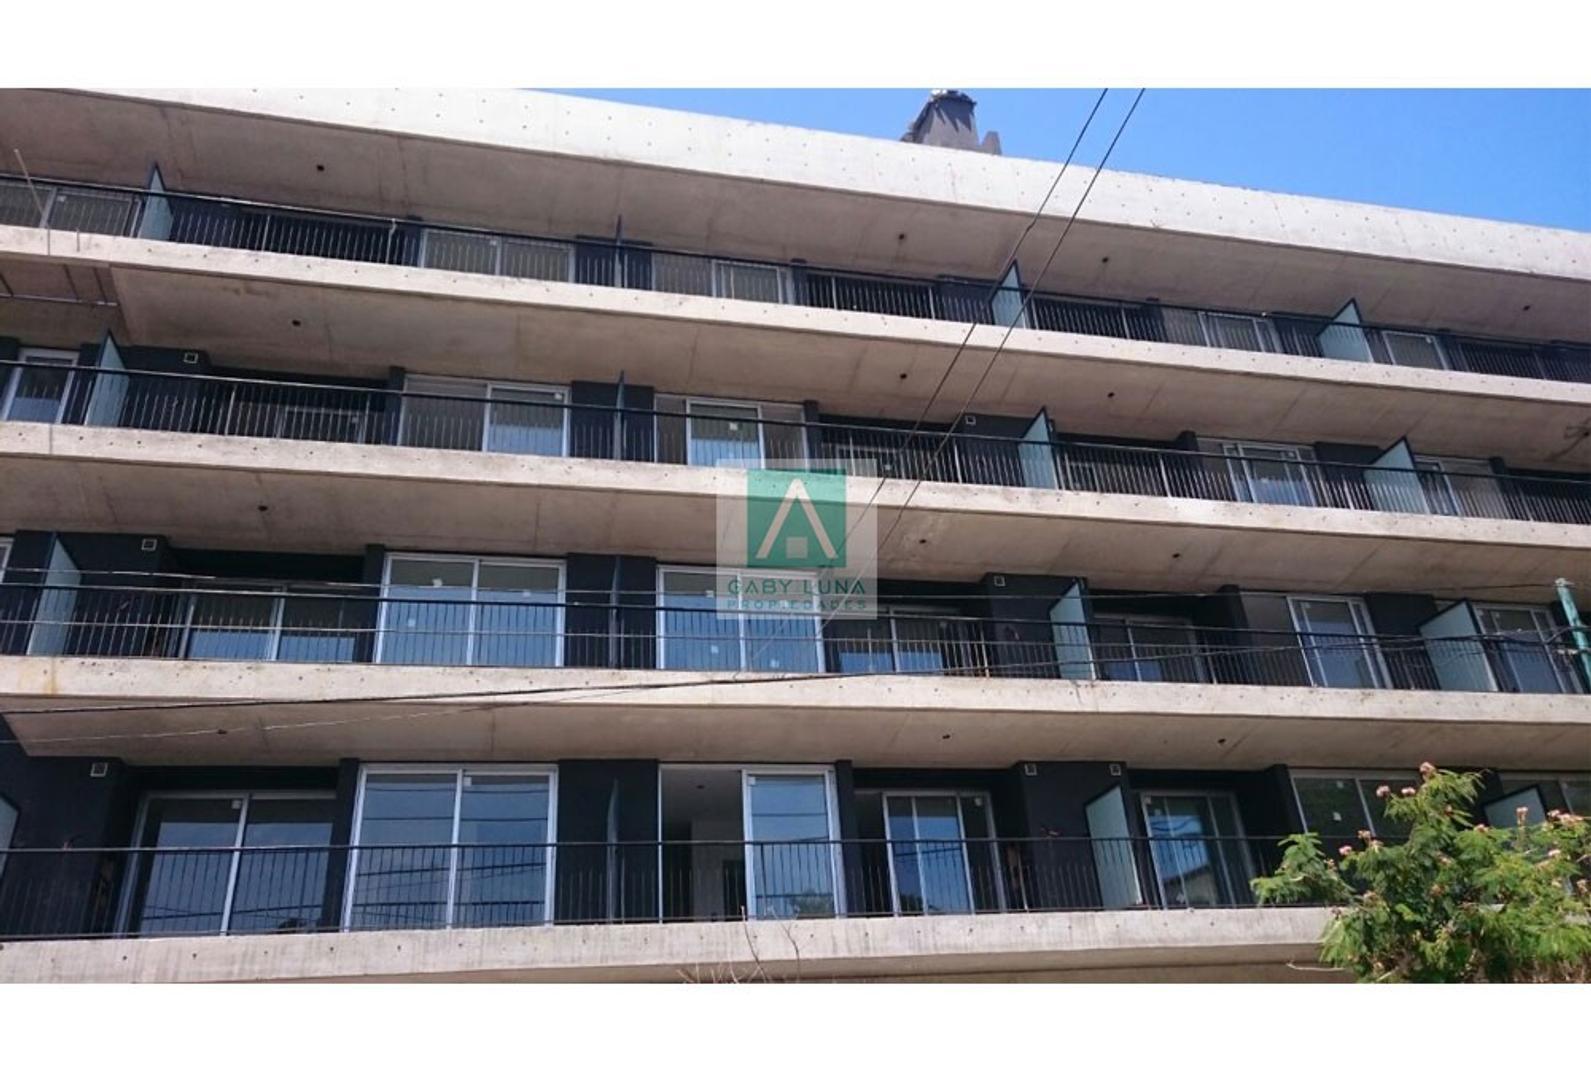 Casa Ho Venta Monoambiente 38 m Uf 301 Coghlan